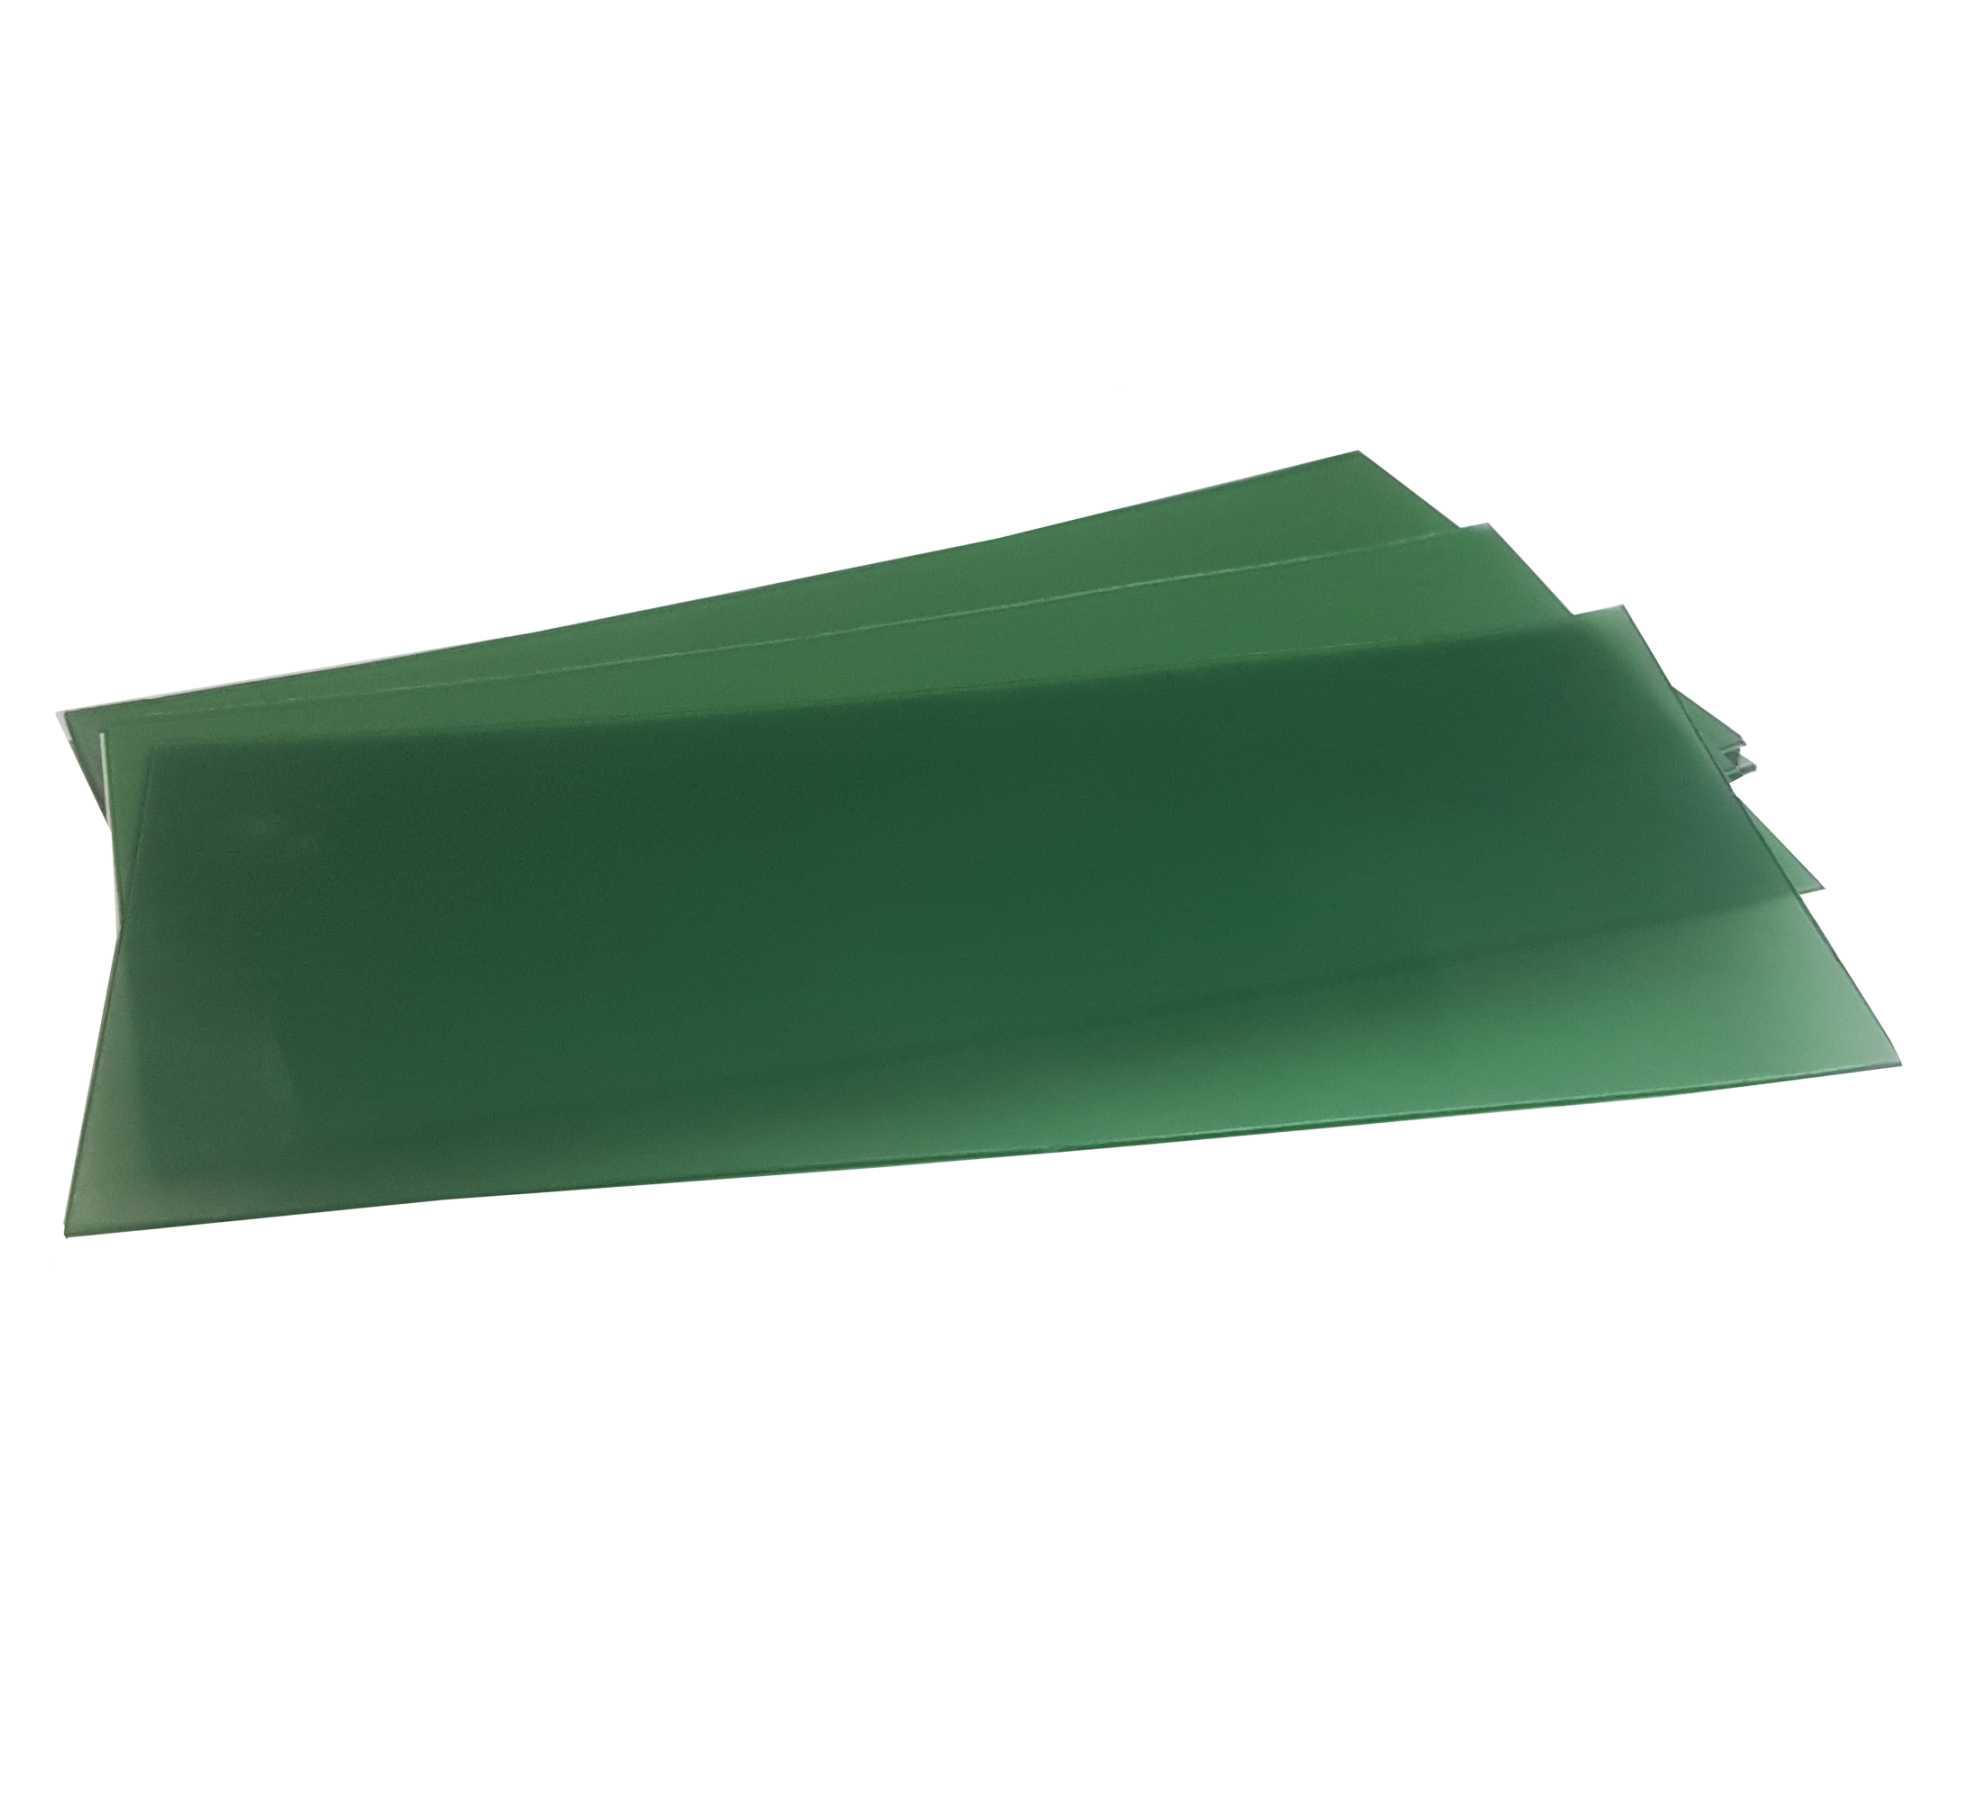 19,10€ Cera laminas verde 0,8mm